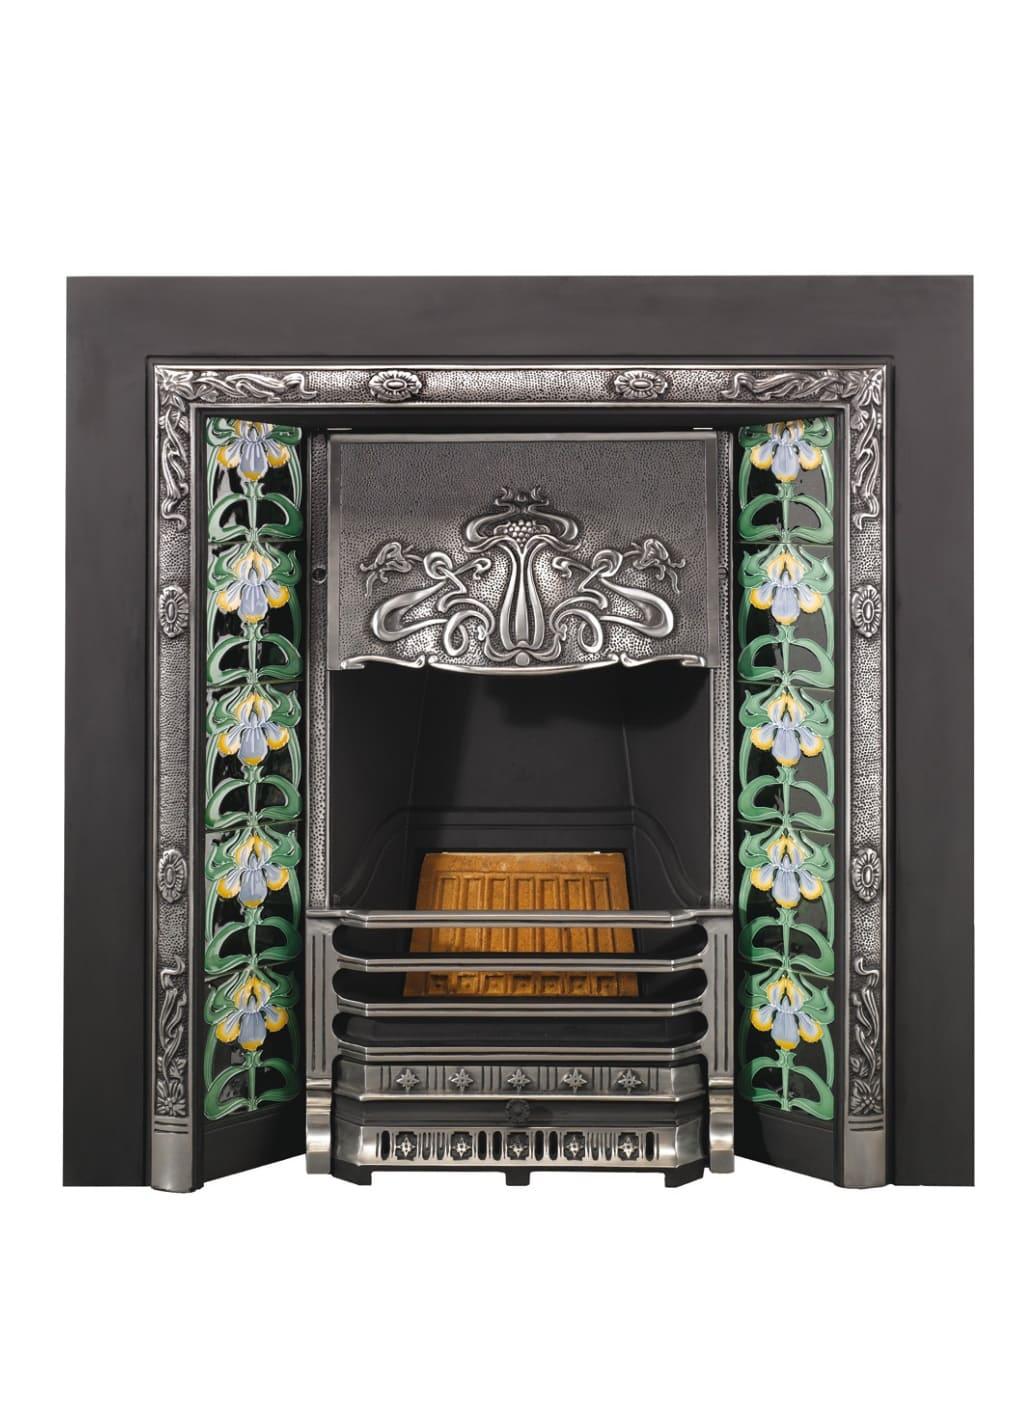 Топка Art Nouveau - частичная полировка